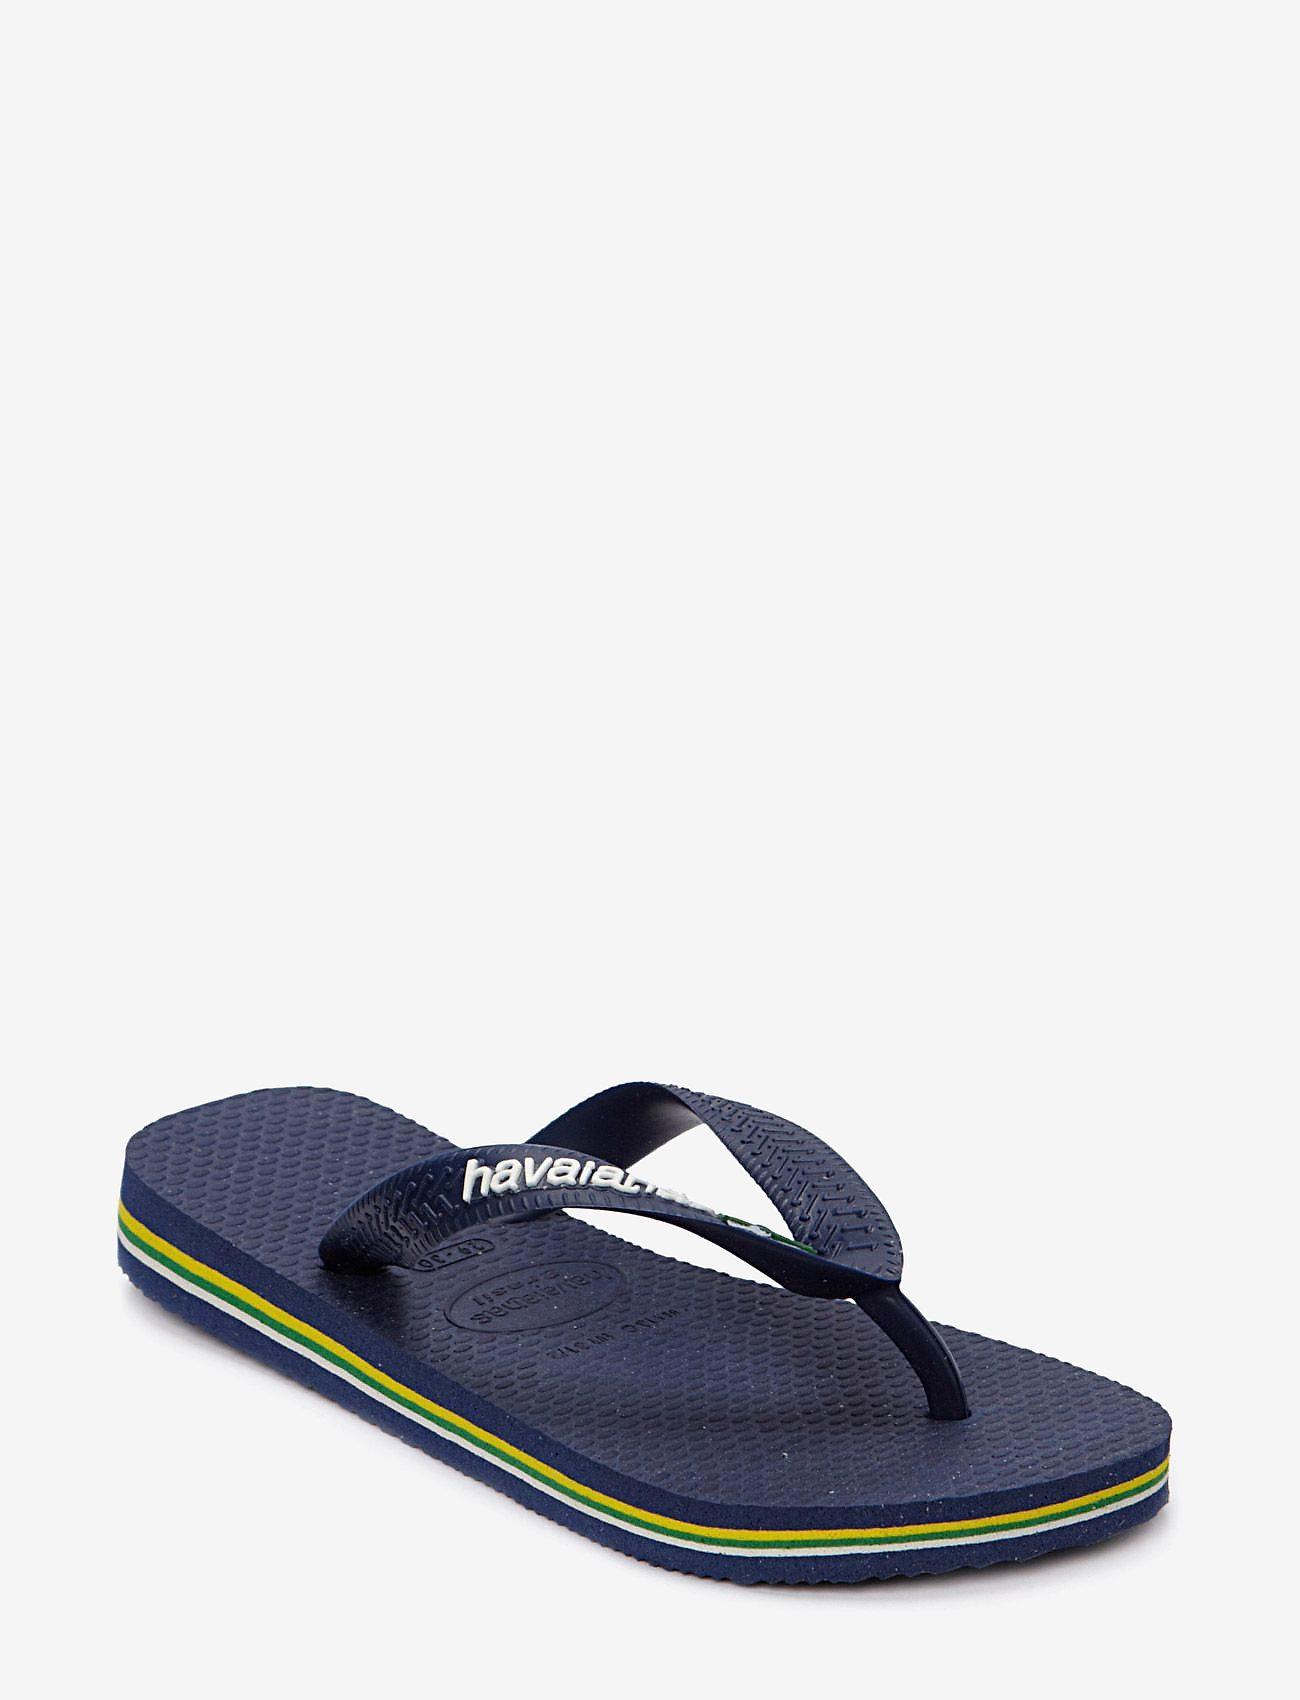 Havaianas - BRASIL LOGO FLIP FLOP - flip flops & watershoes - blue - 0